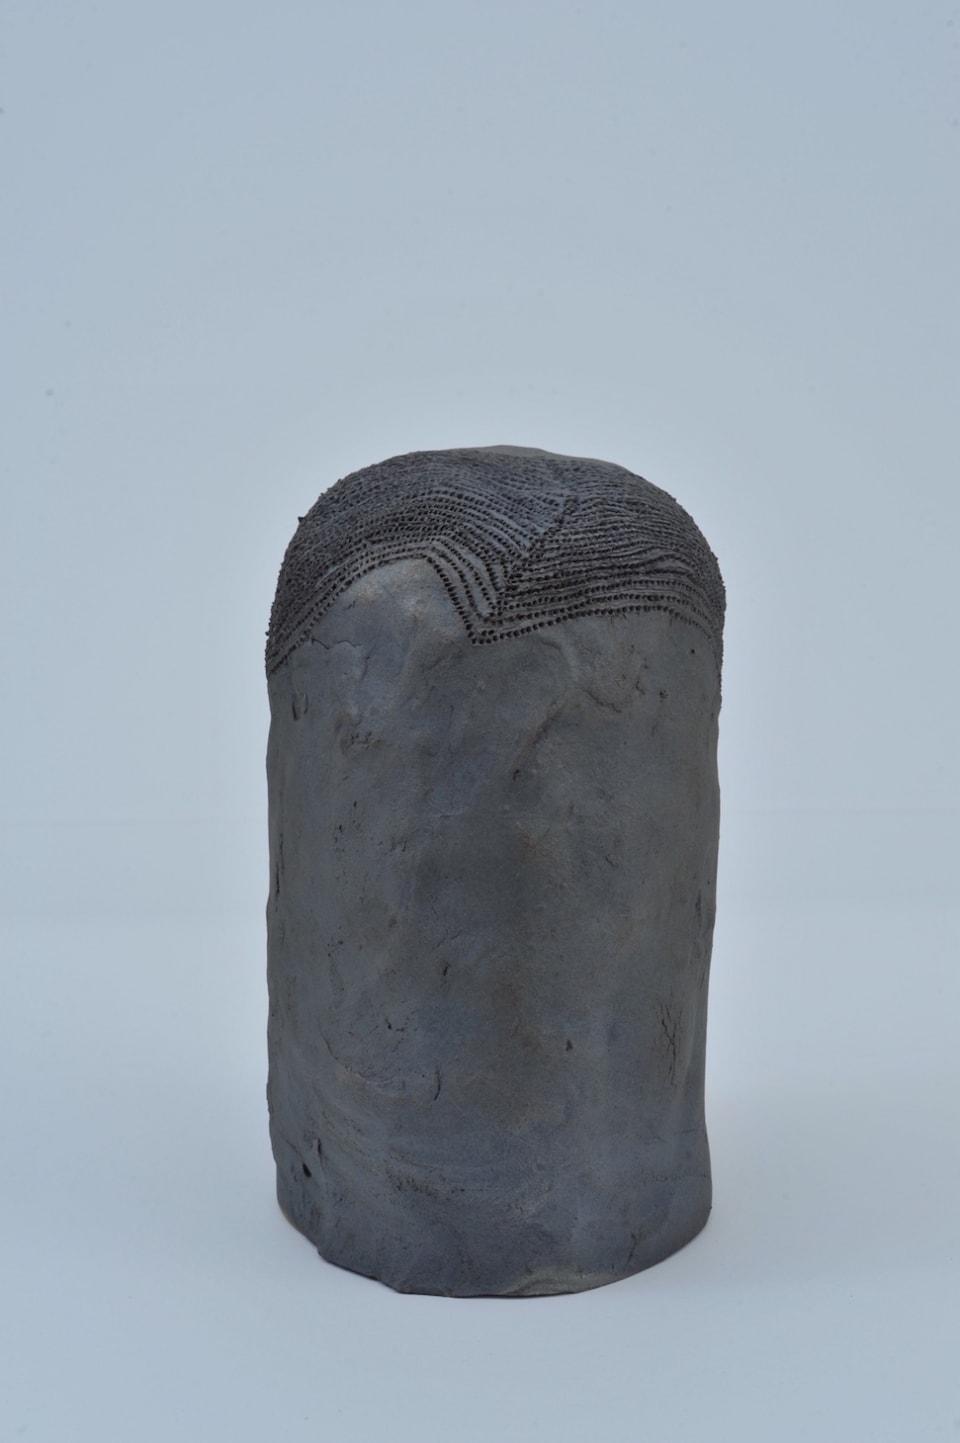 (写真について)吉川秀昭 ≪目・目・鼻・口≫2004 所蔵:日本財団 写真:大西暢夫